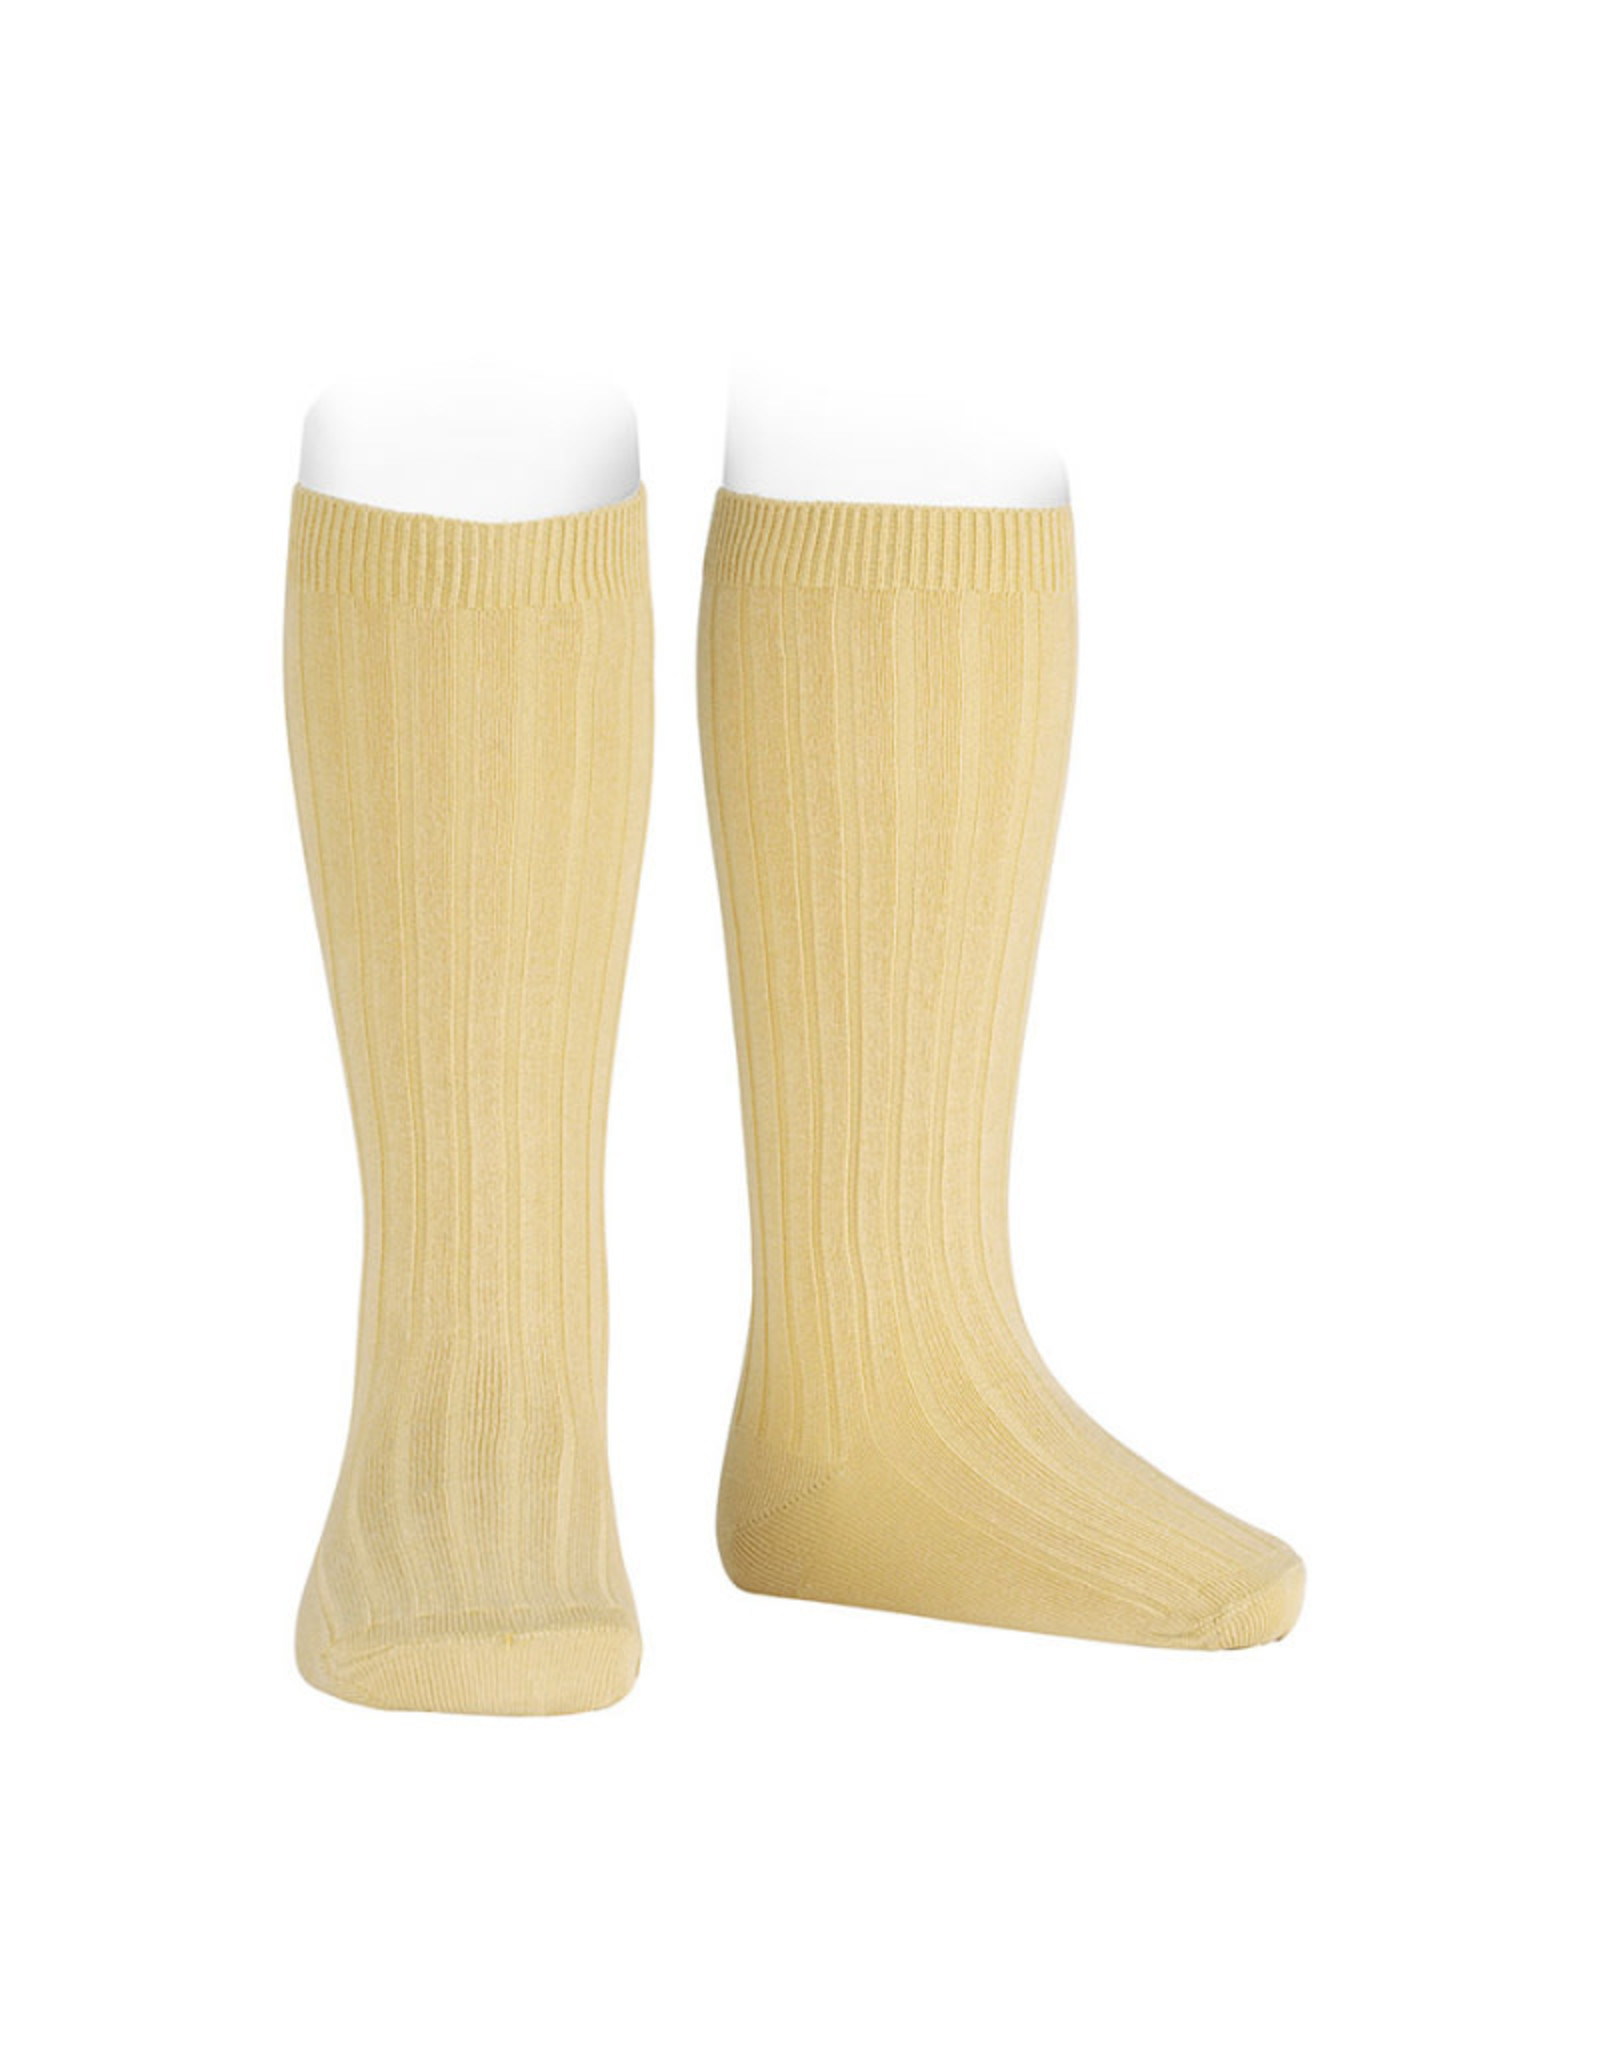 CONDOR Banana Ribbed Knee Socks